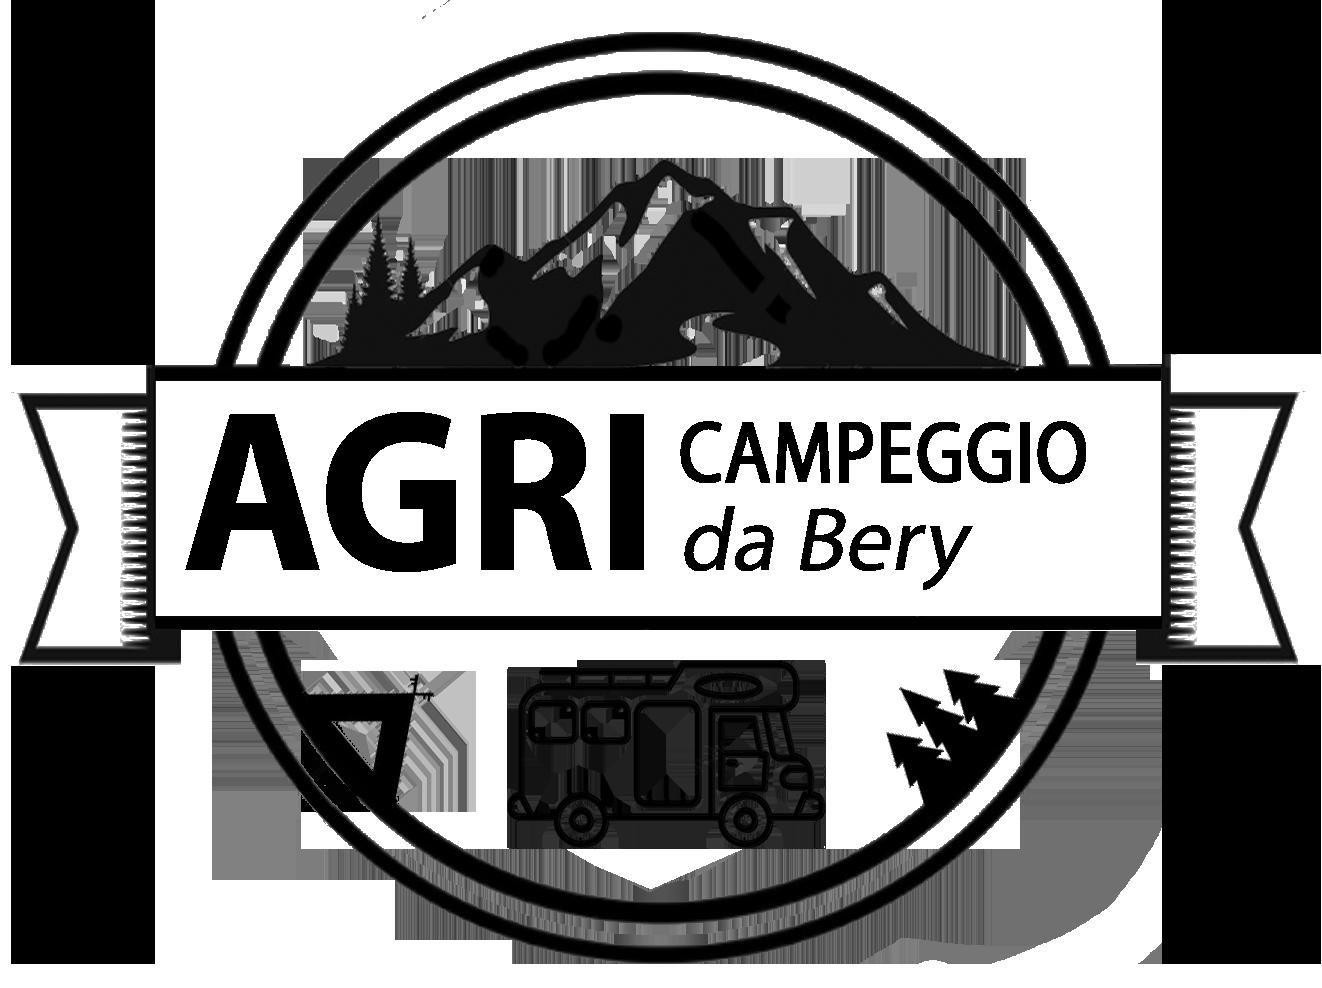 Agricampeggio da bery Icon